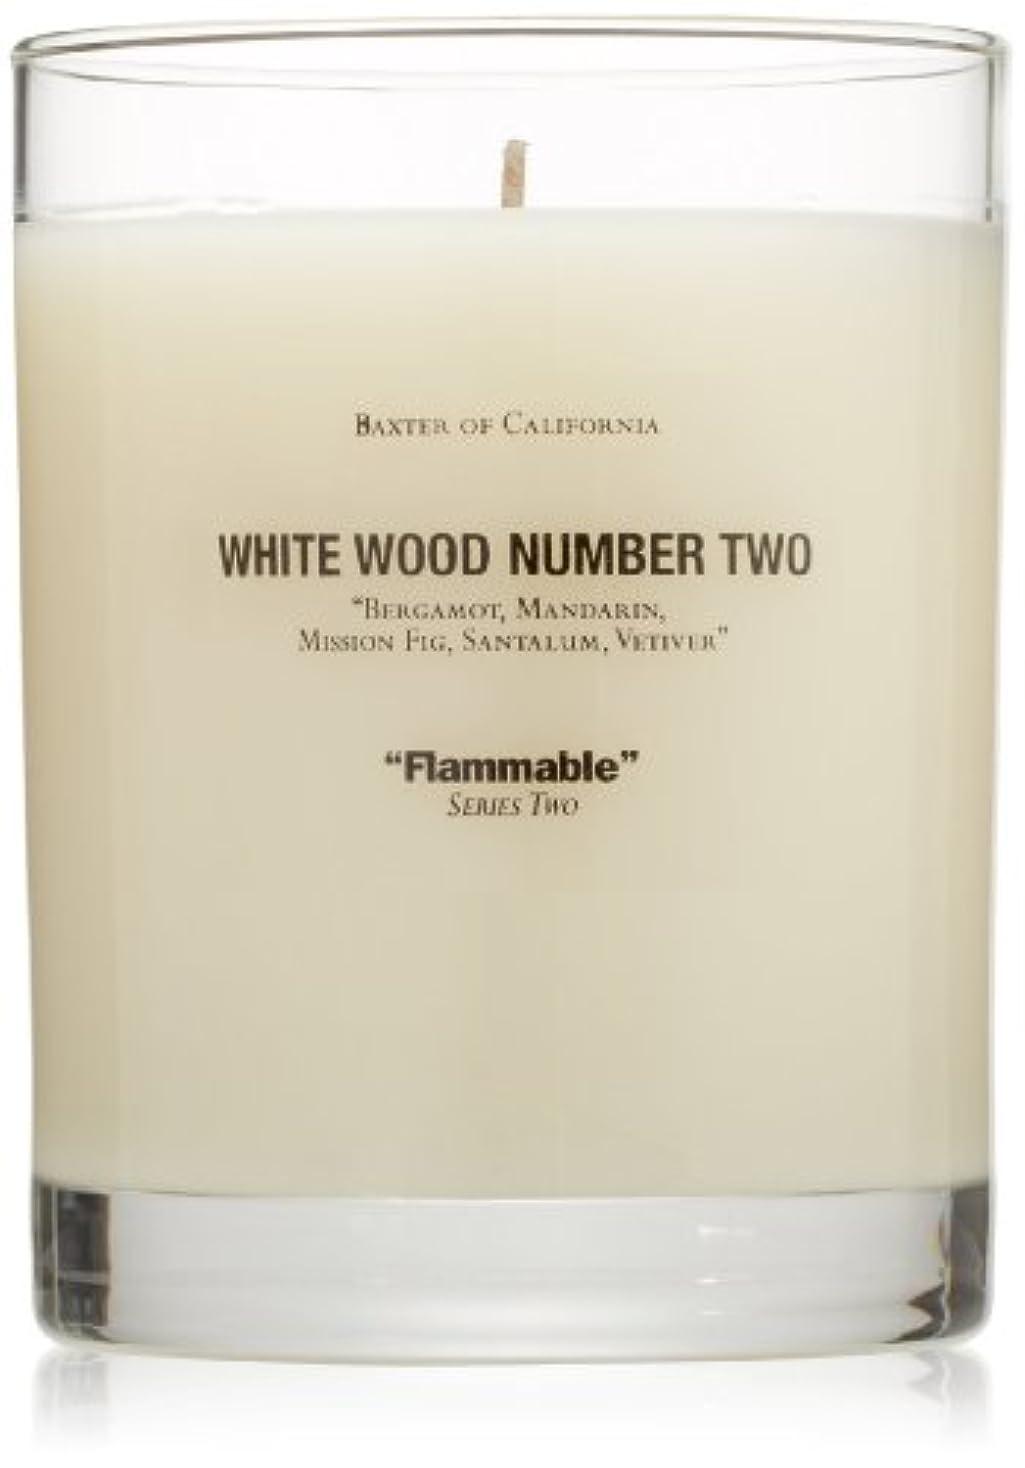 恵み冷えるガムBaxter OF CALIFORNIA(バクスター オブ カリフォルニア) ホワイトウッドキャンドルtwo 255g